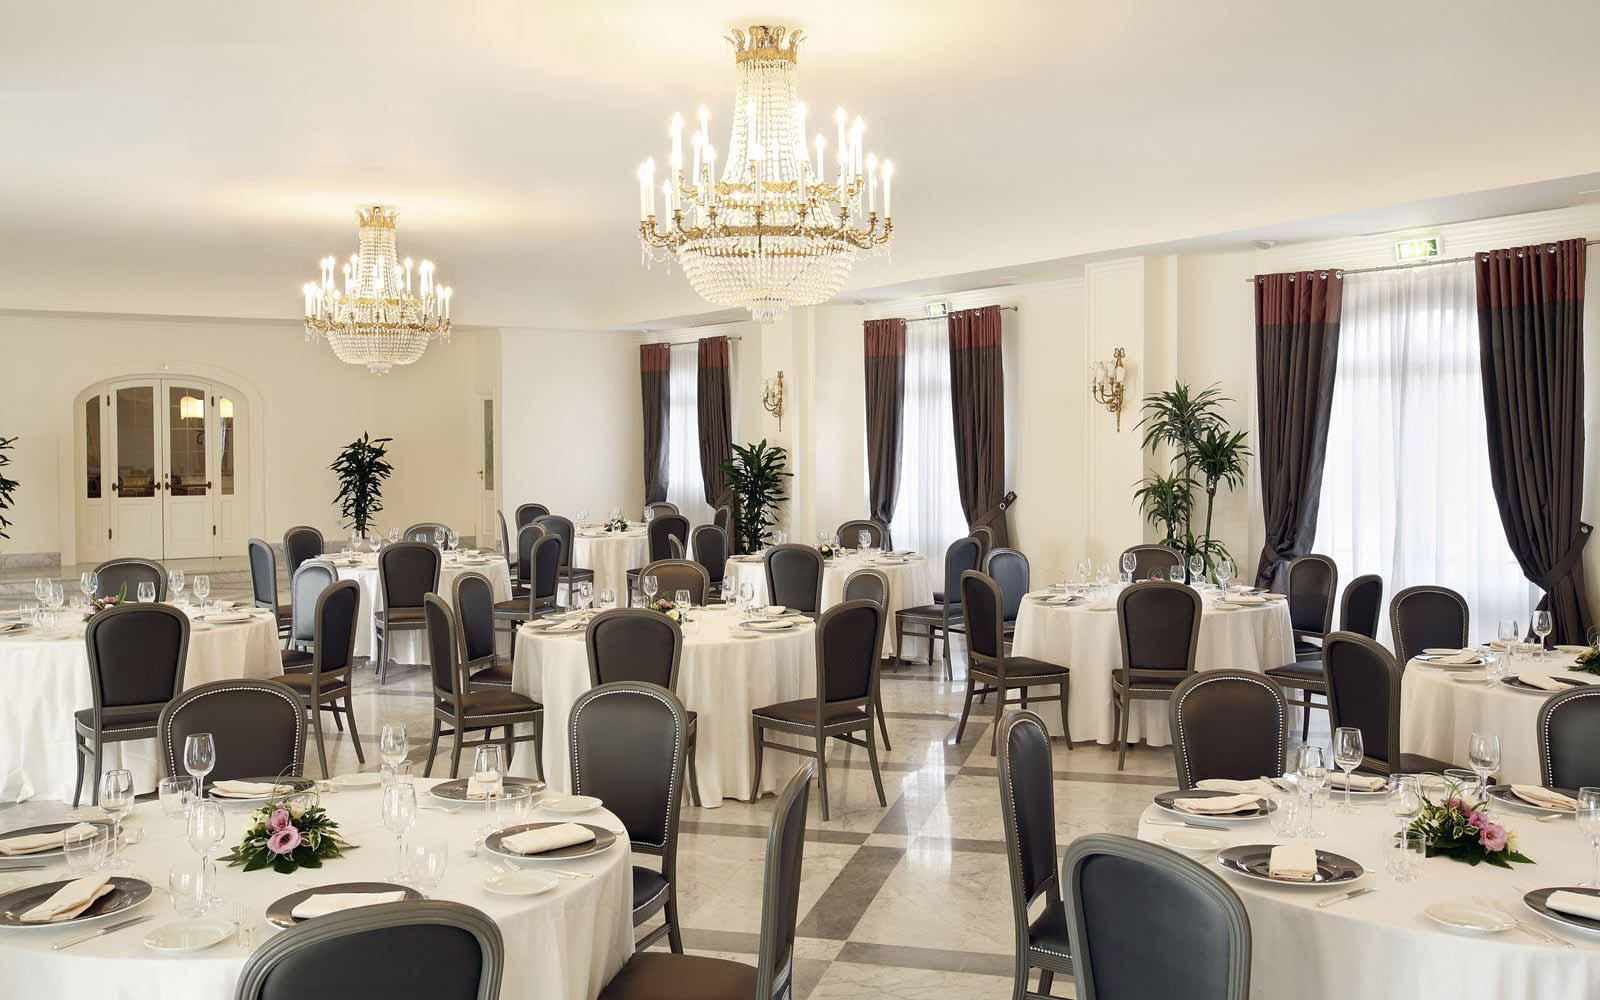 Restaurant at Hotel Giardino di Costanza